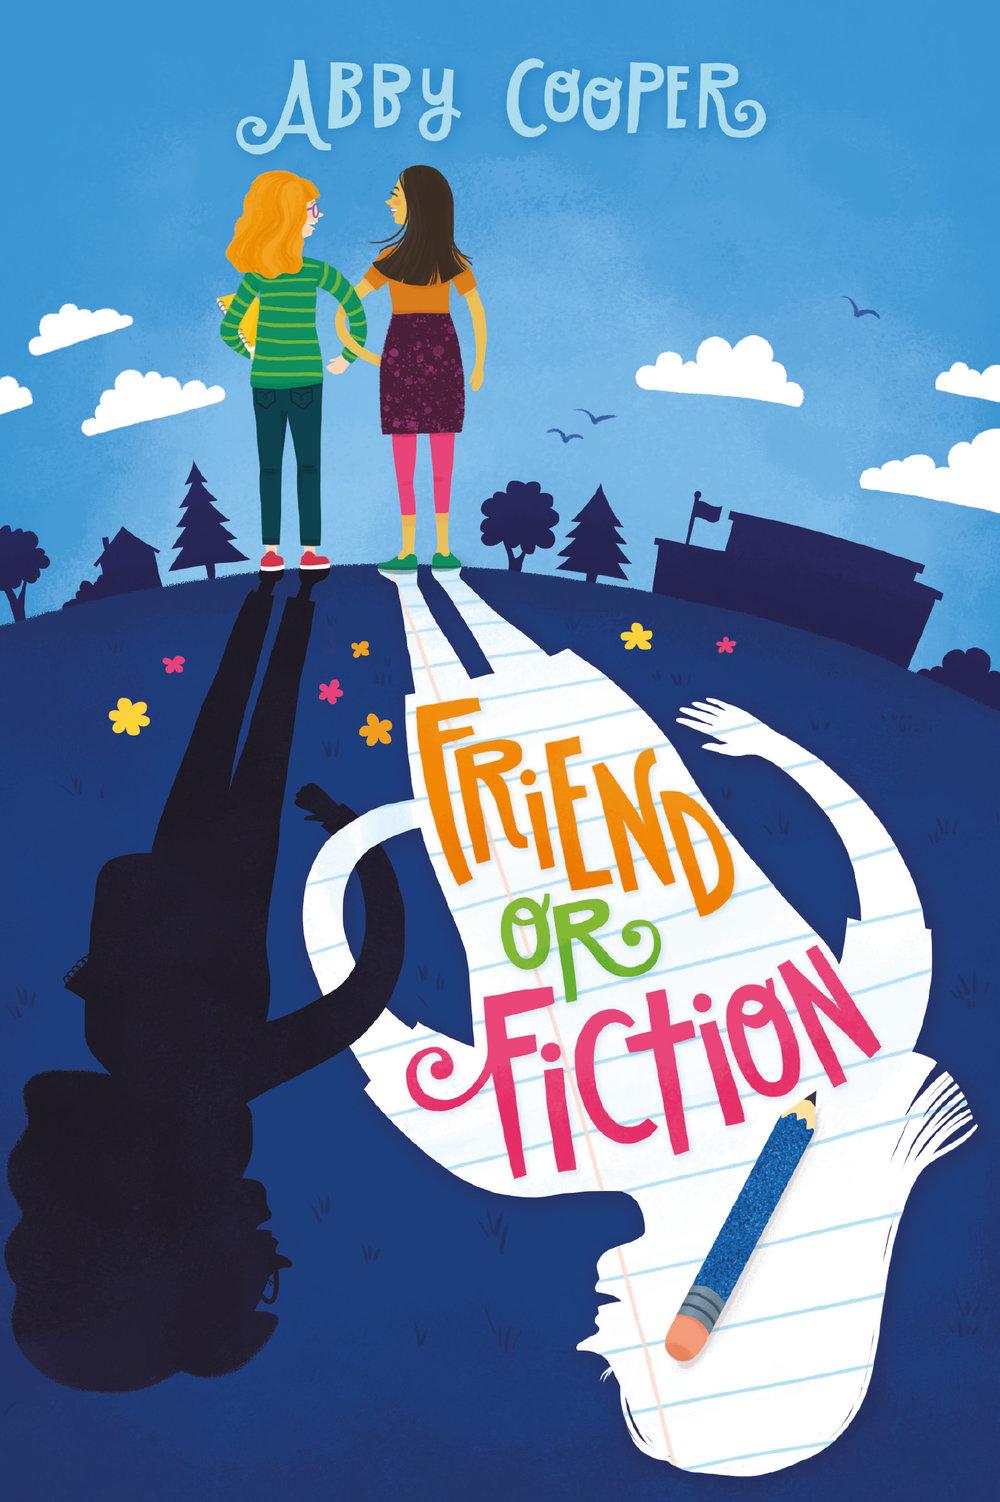 Friend or Fiction (1).jpg